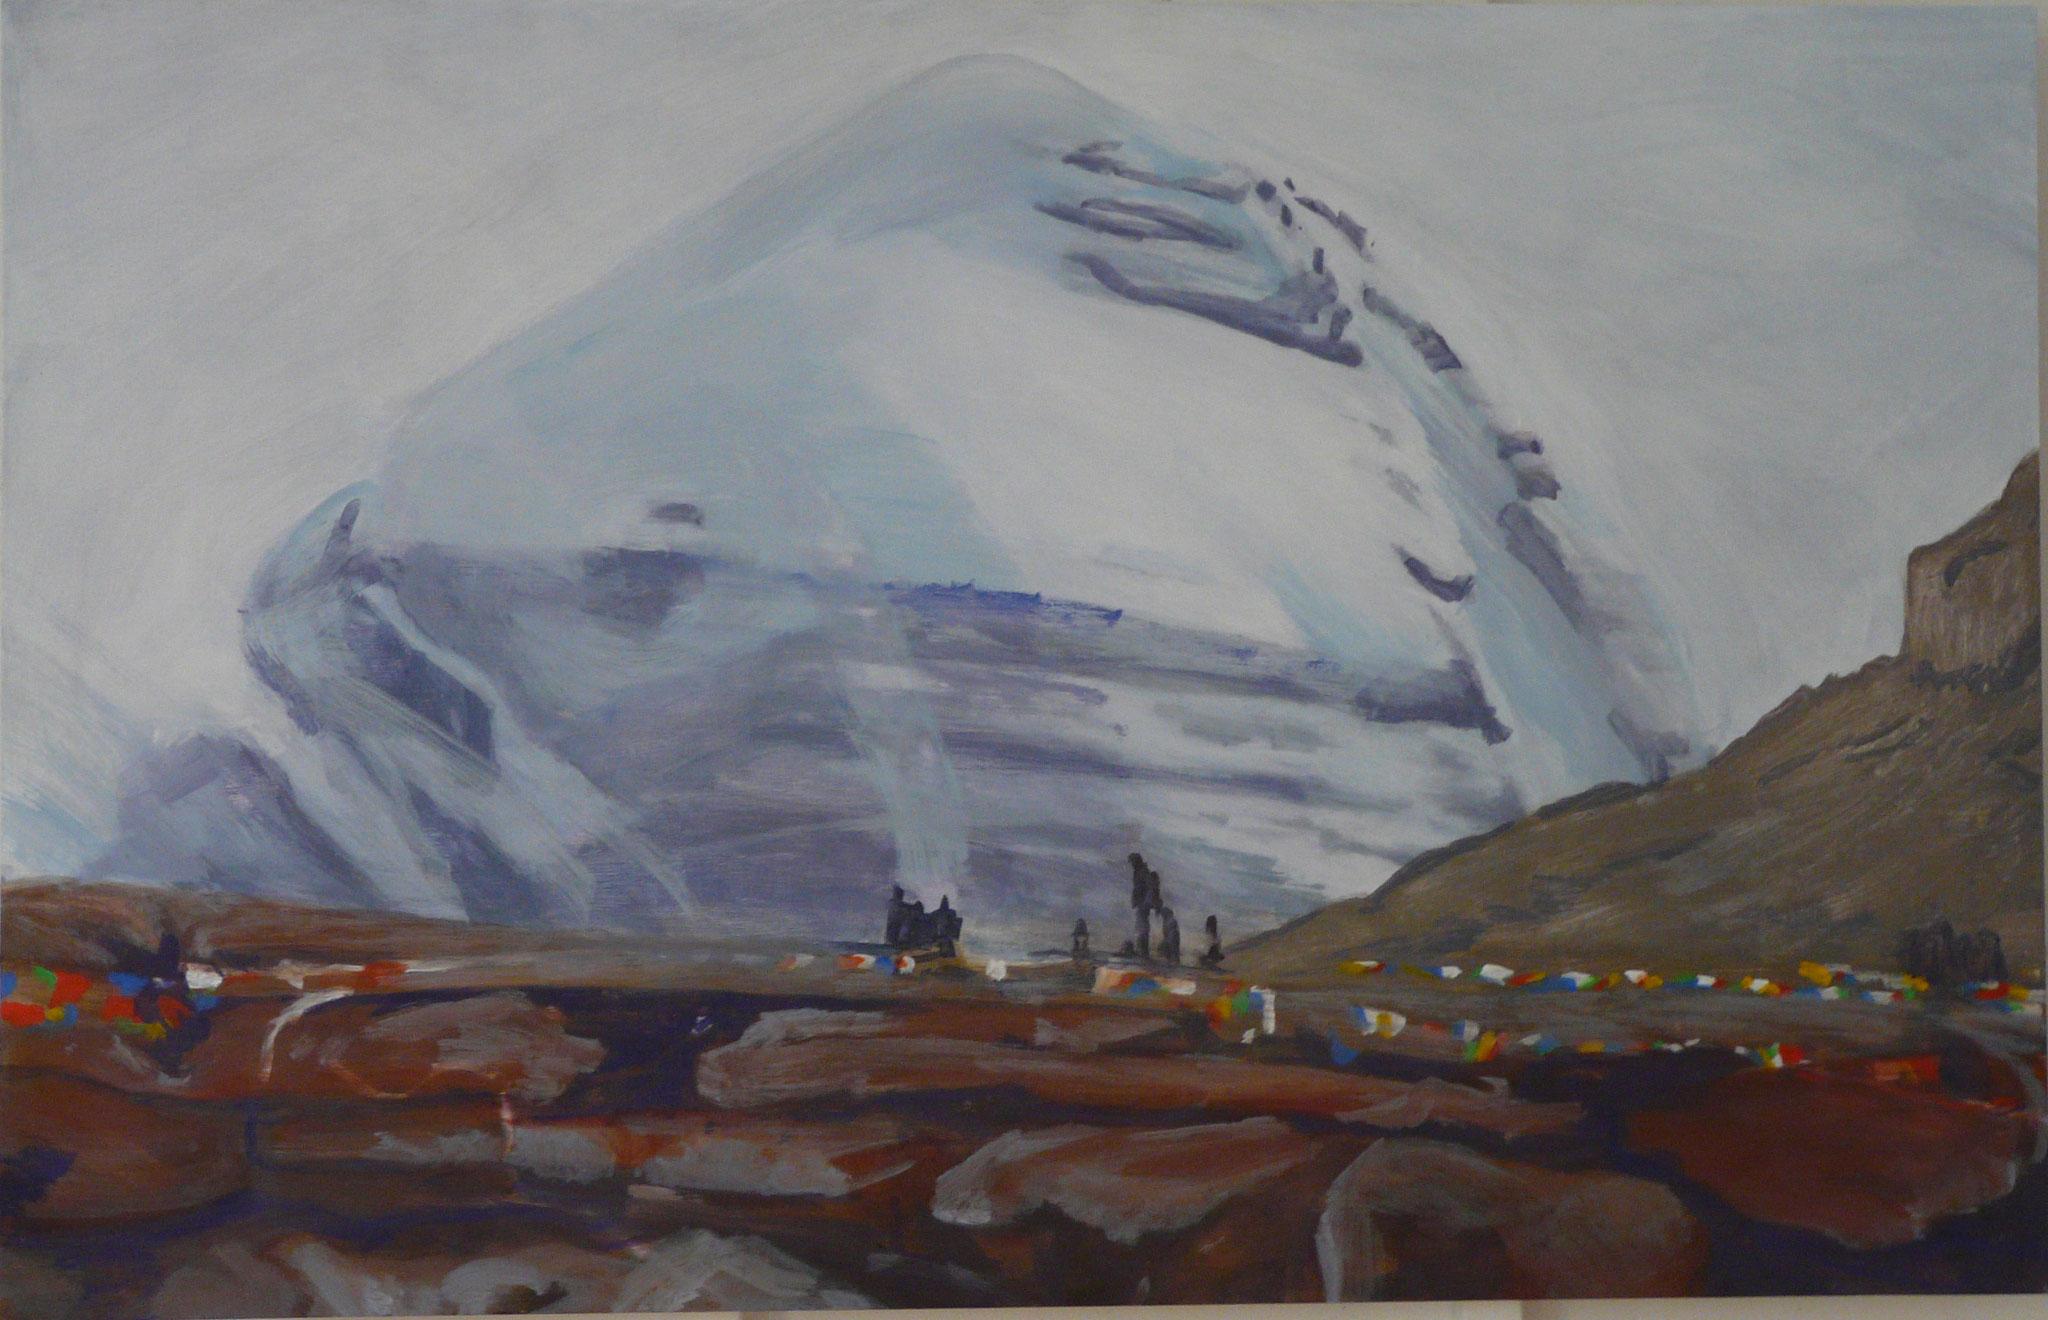 7. Kailash in Snowcloud, 70 x 90 cm, 2019